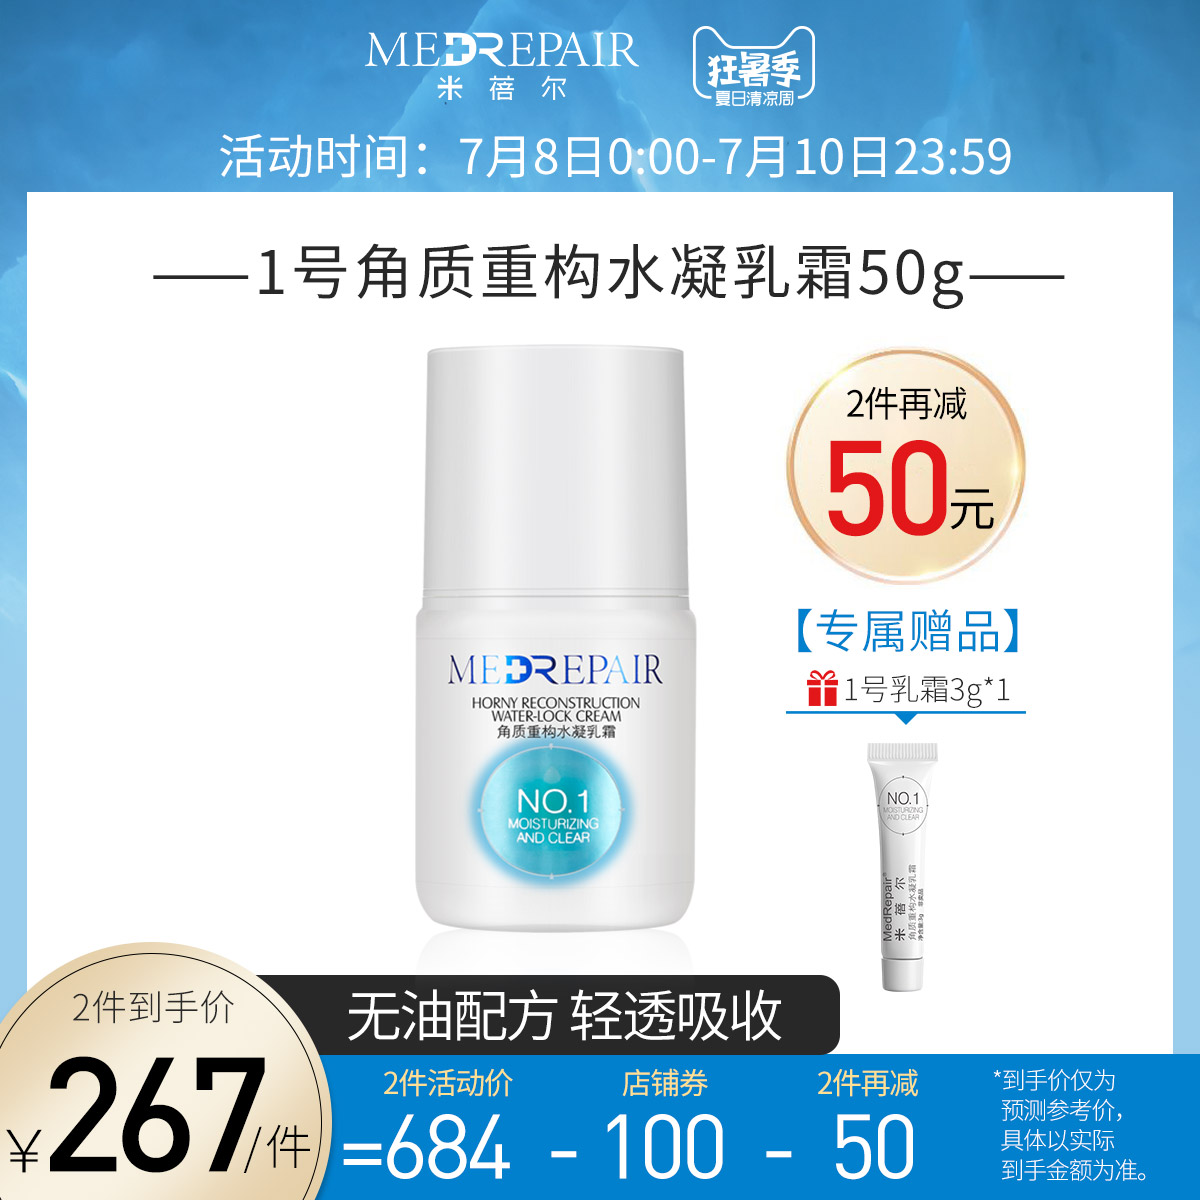 MedRepair米蓓尔角质重构水凝面部乳霜50g瓶修护肌肤保持水油平衡